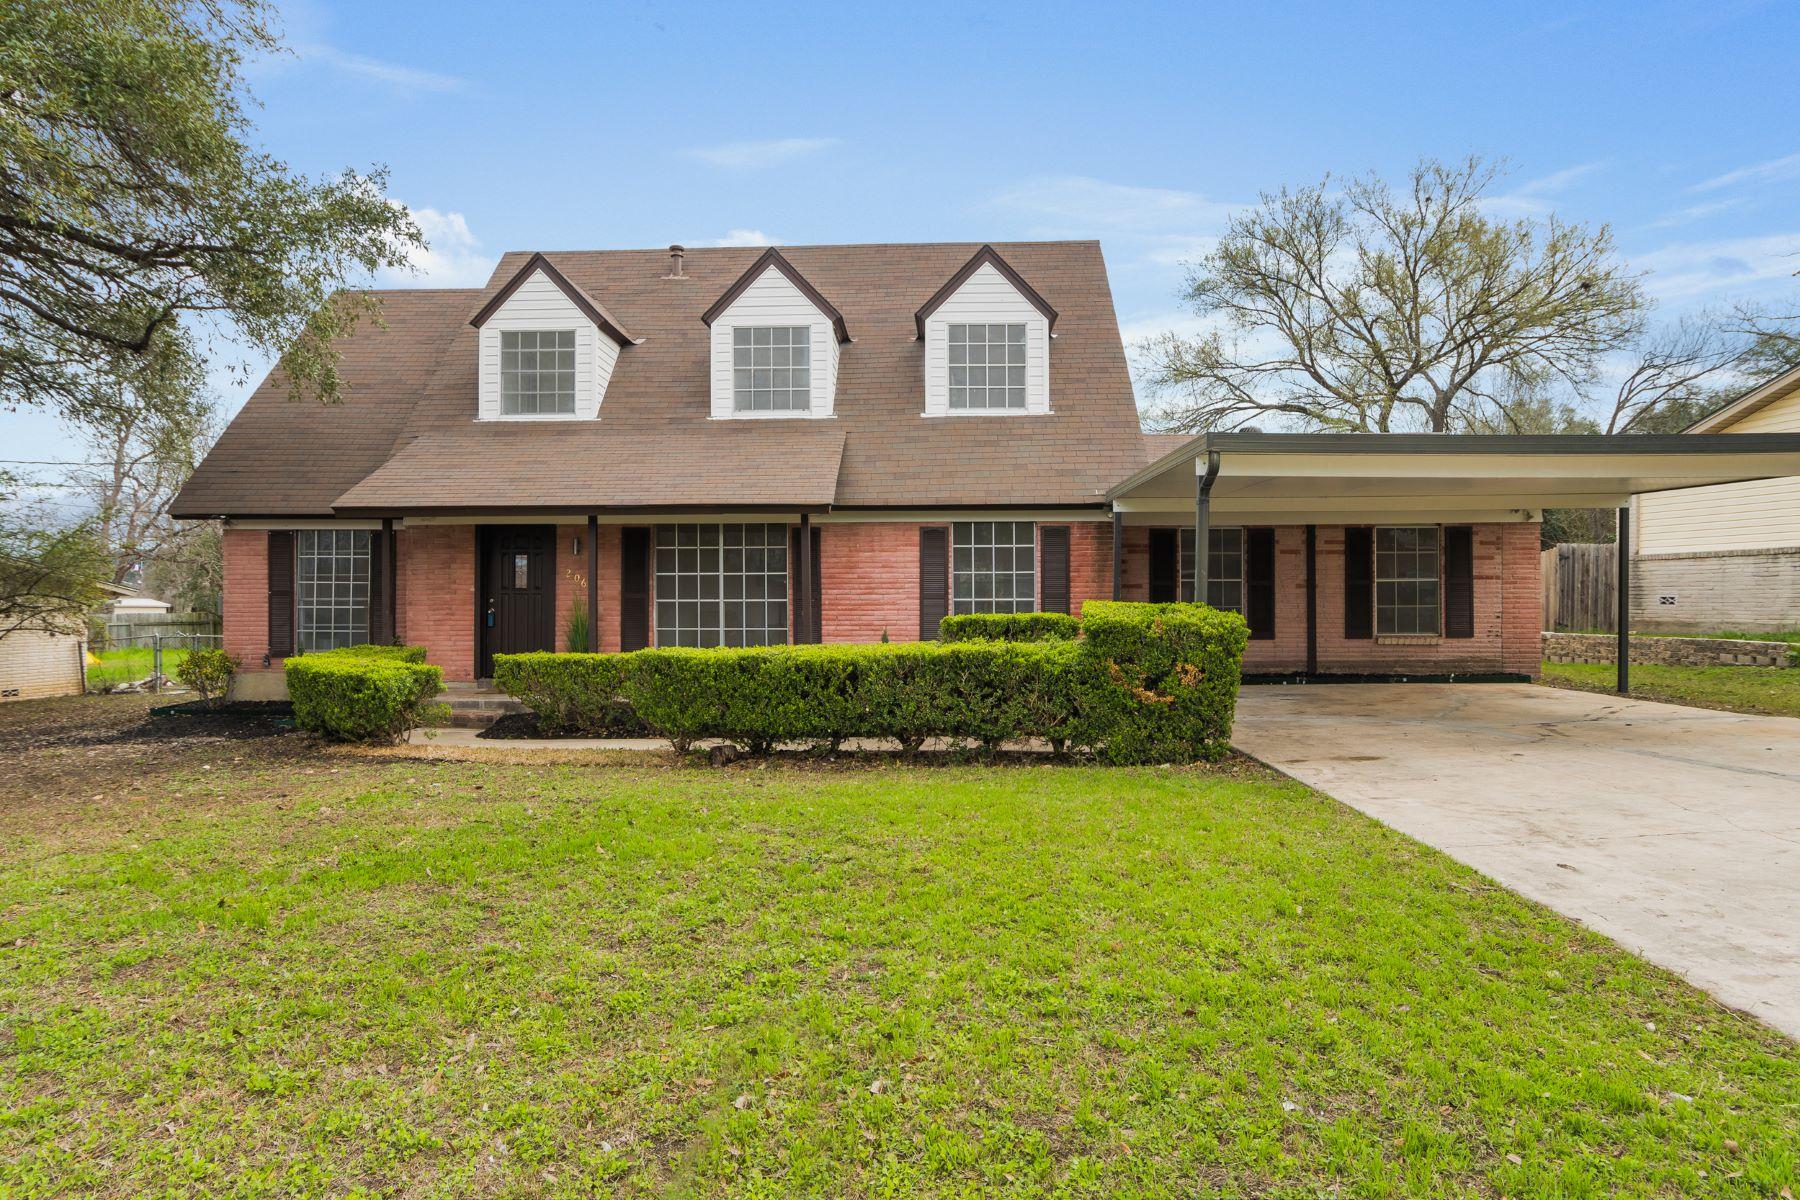 단독 가정 주택 용 매매 에 Stunning Remodeled Home 206 Faith Drive, San Antonio, 텍사스, 78228 미국